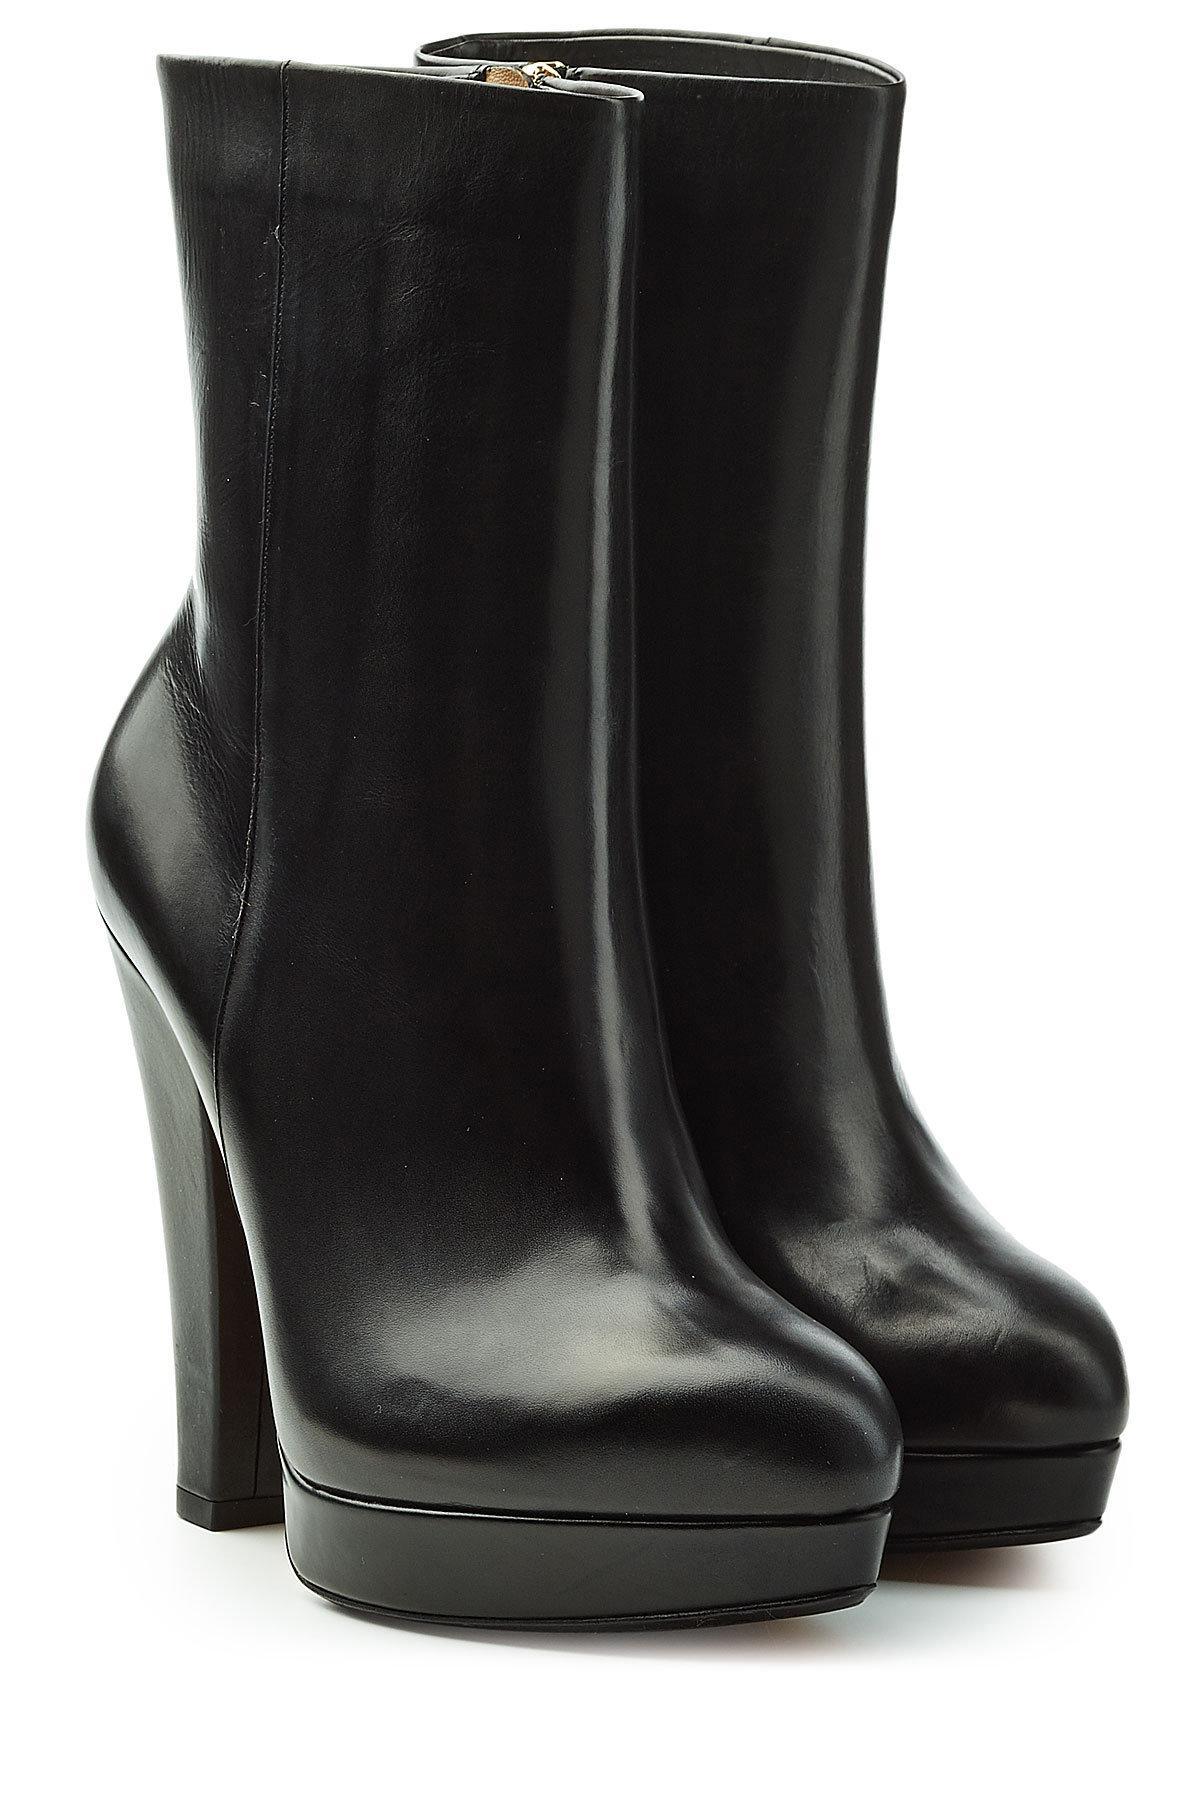 Sonia by Sonia Rykiel Leather Boots mNujnC32J